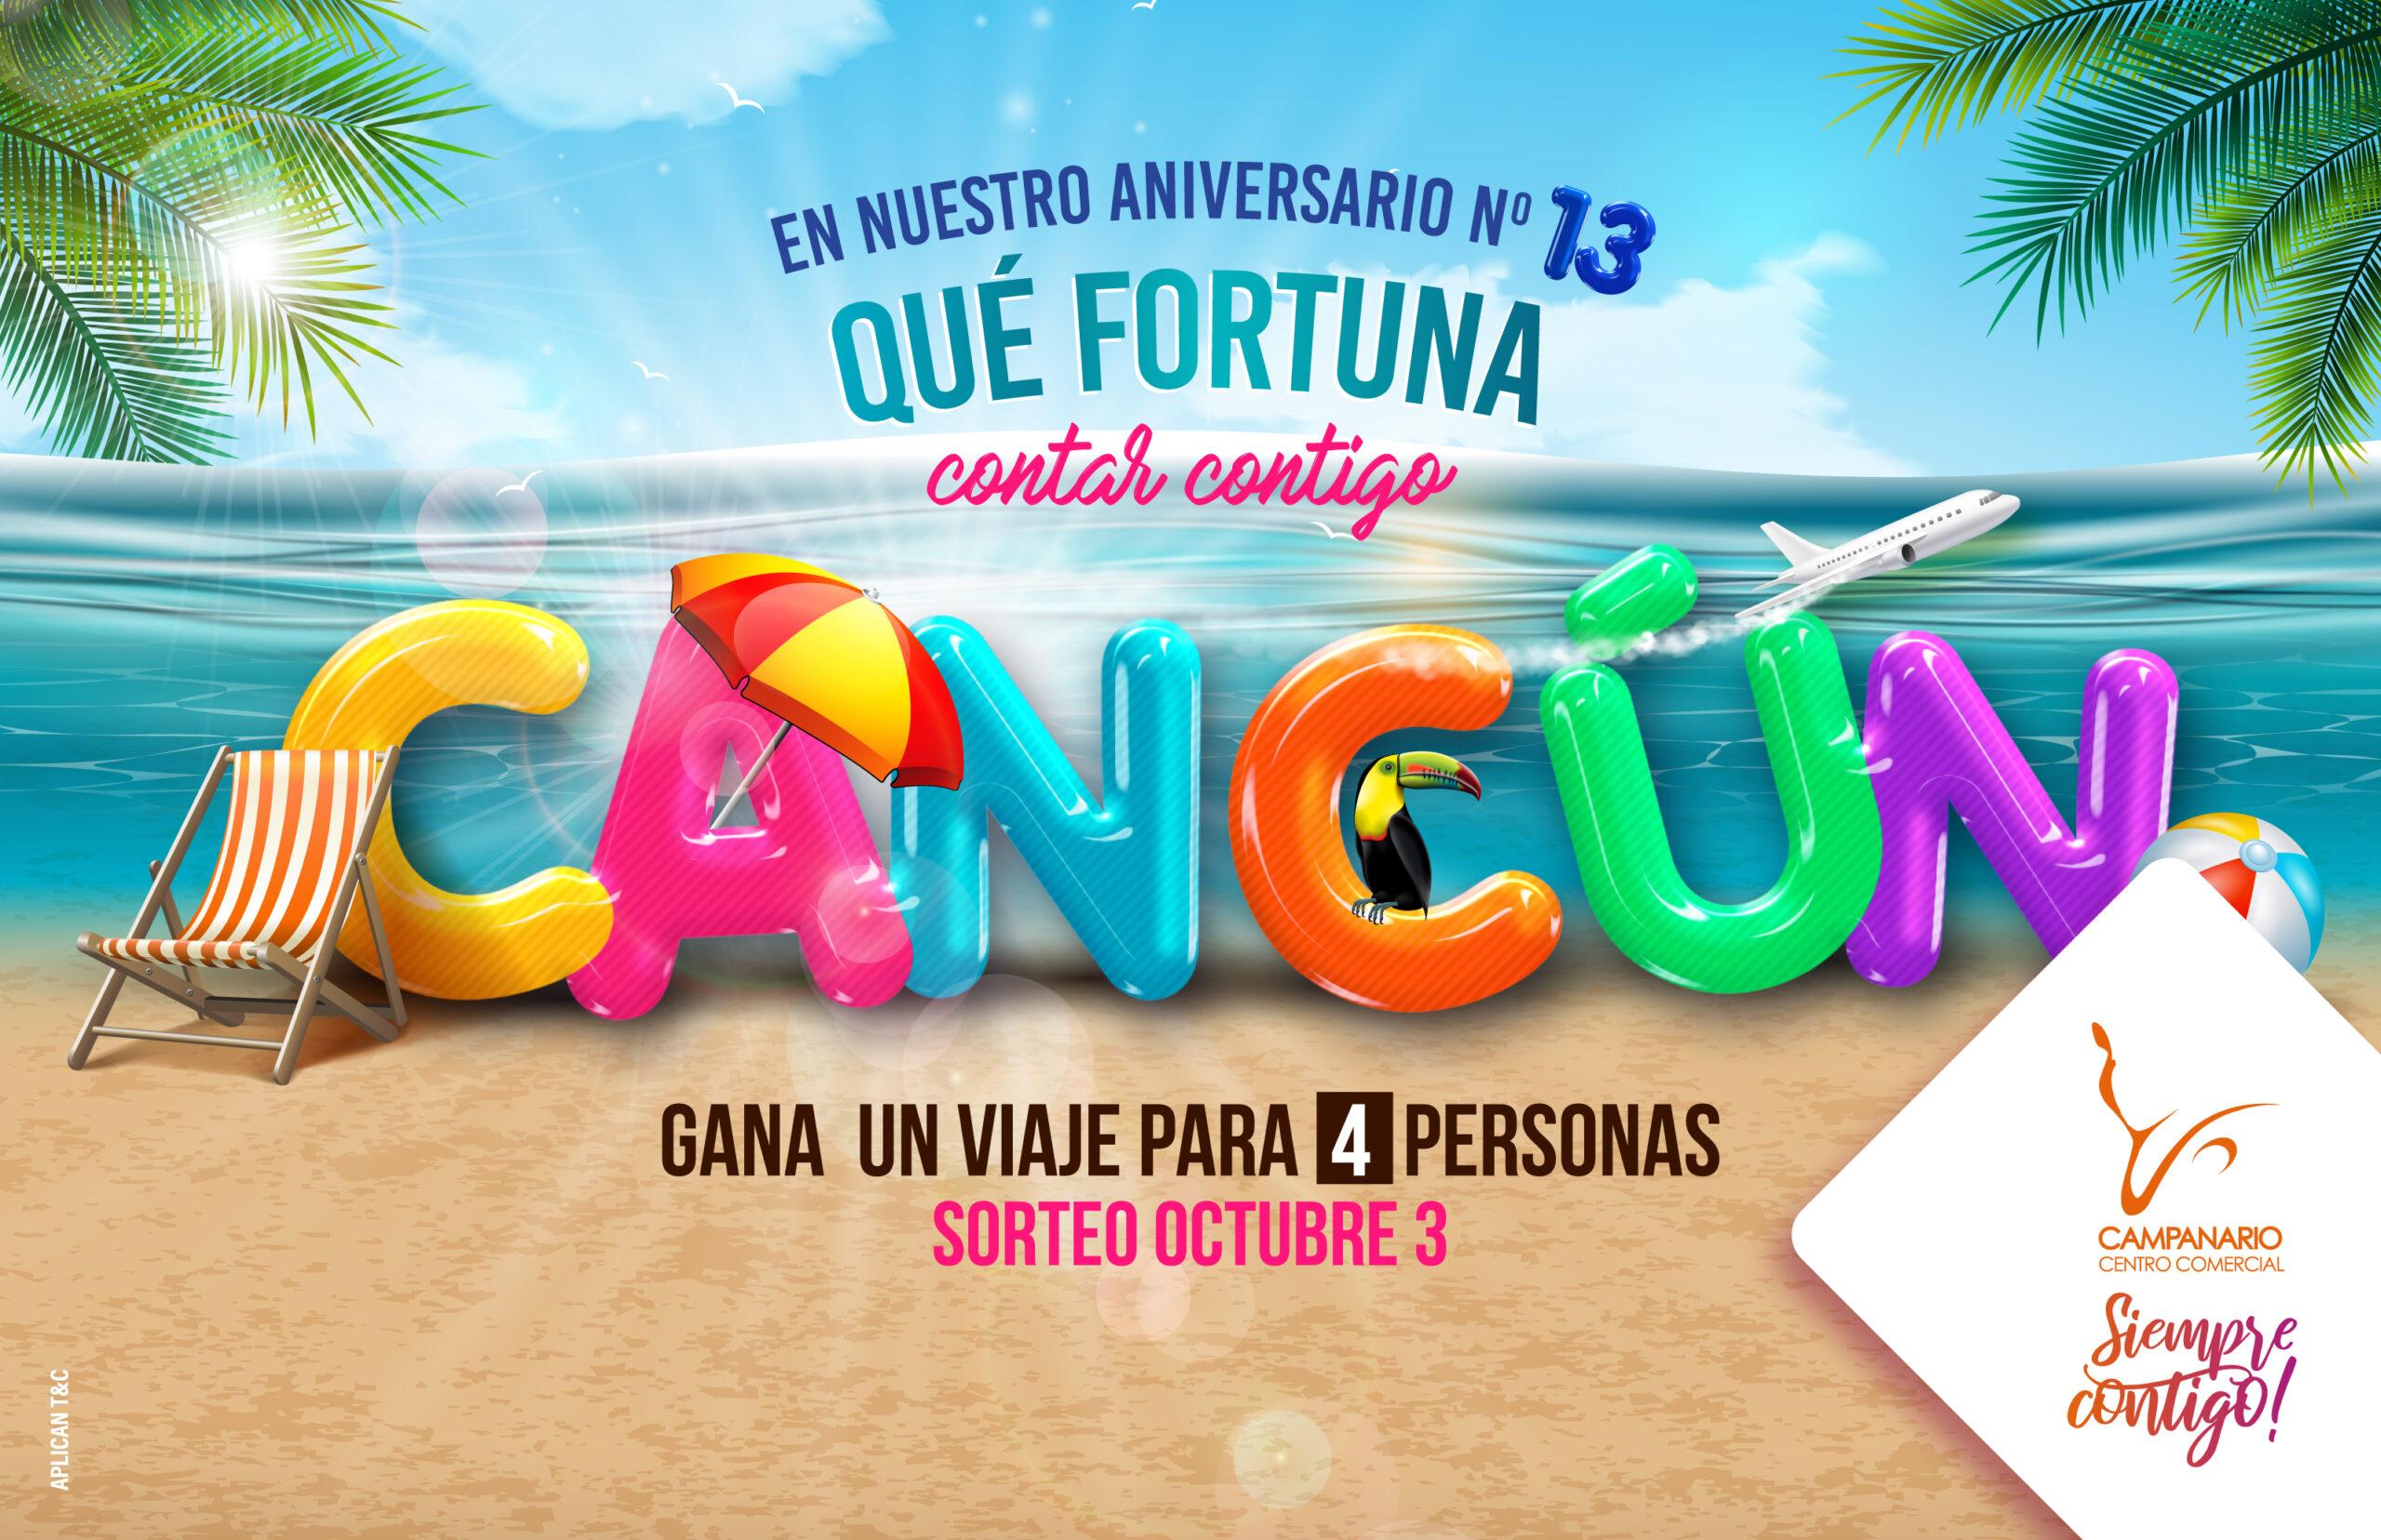 Campanario en su aniversario N° 13 te lleva a Cancún – México